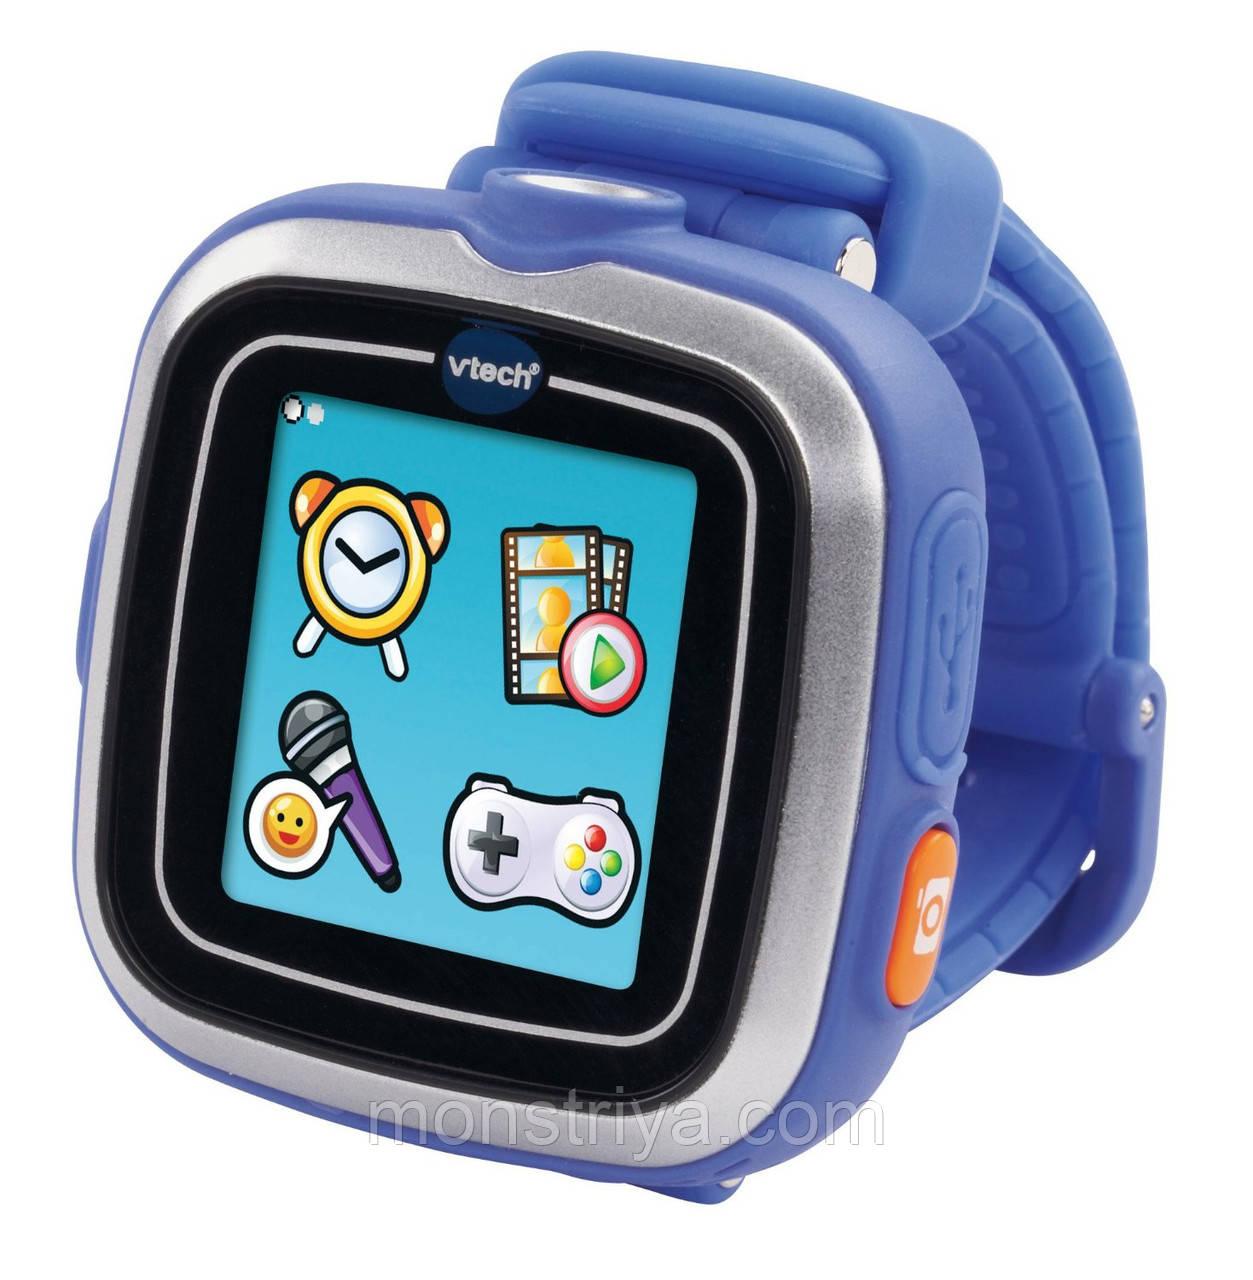 VTech Kidizoom умные часы для детей .Фотоаппарат.Киев .